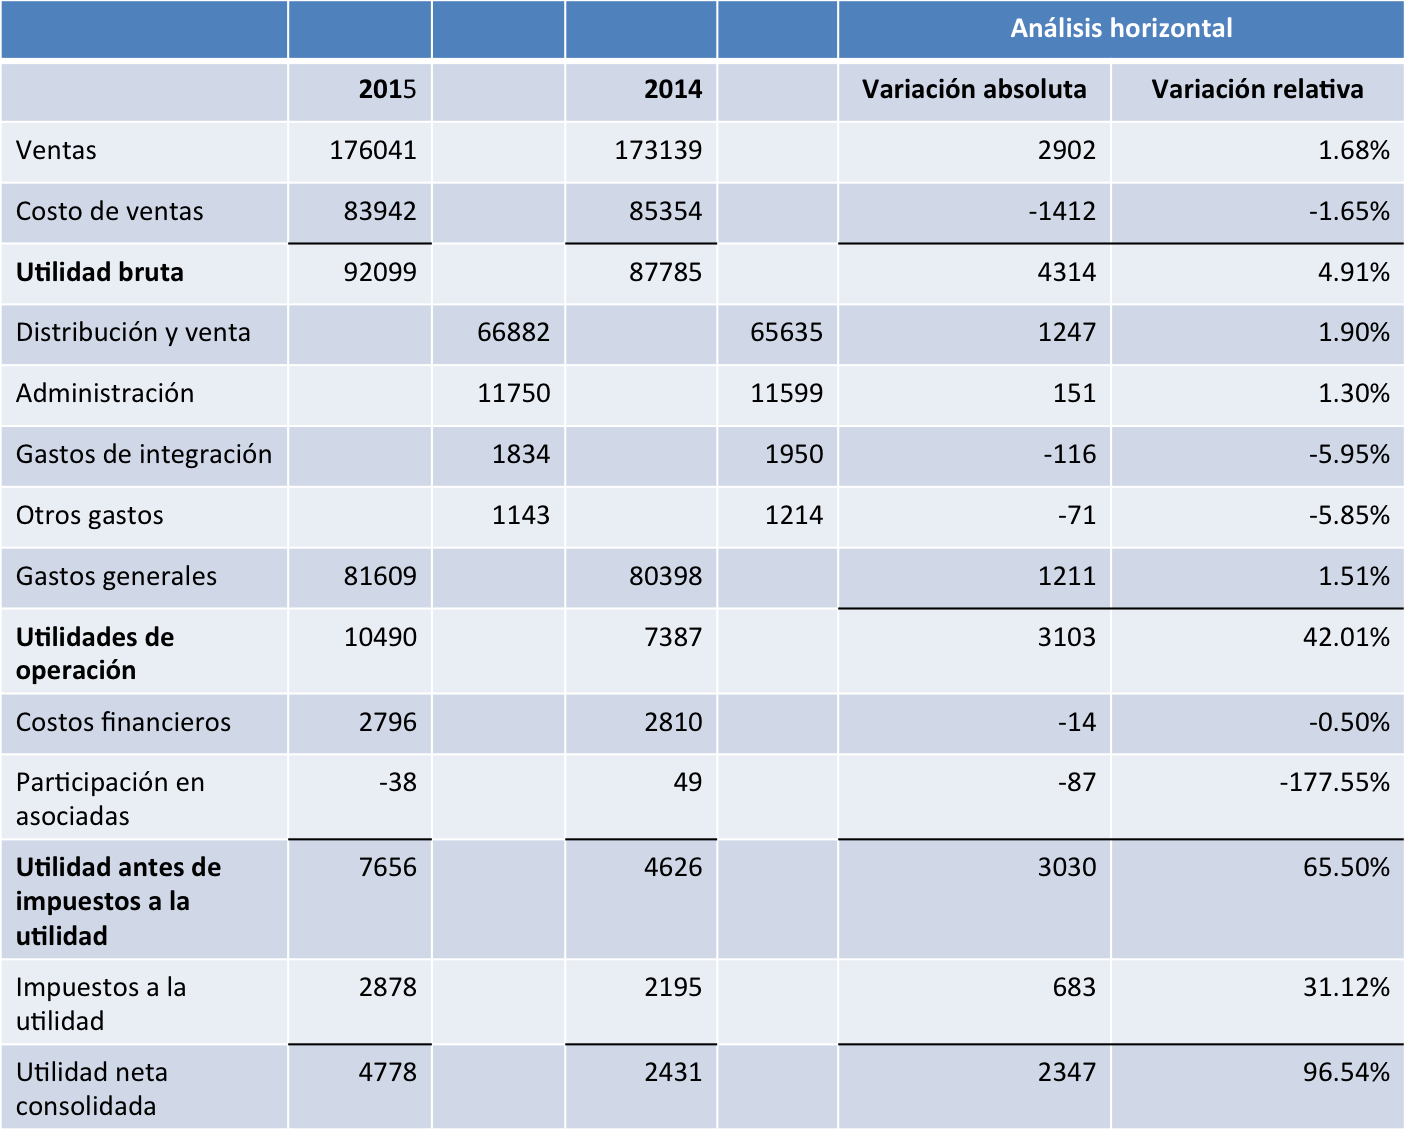 analisis_horizontal_estado_de_resultados